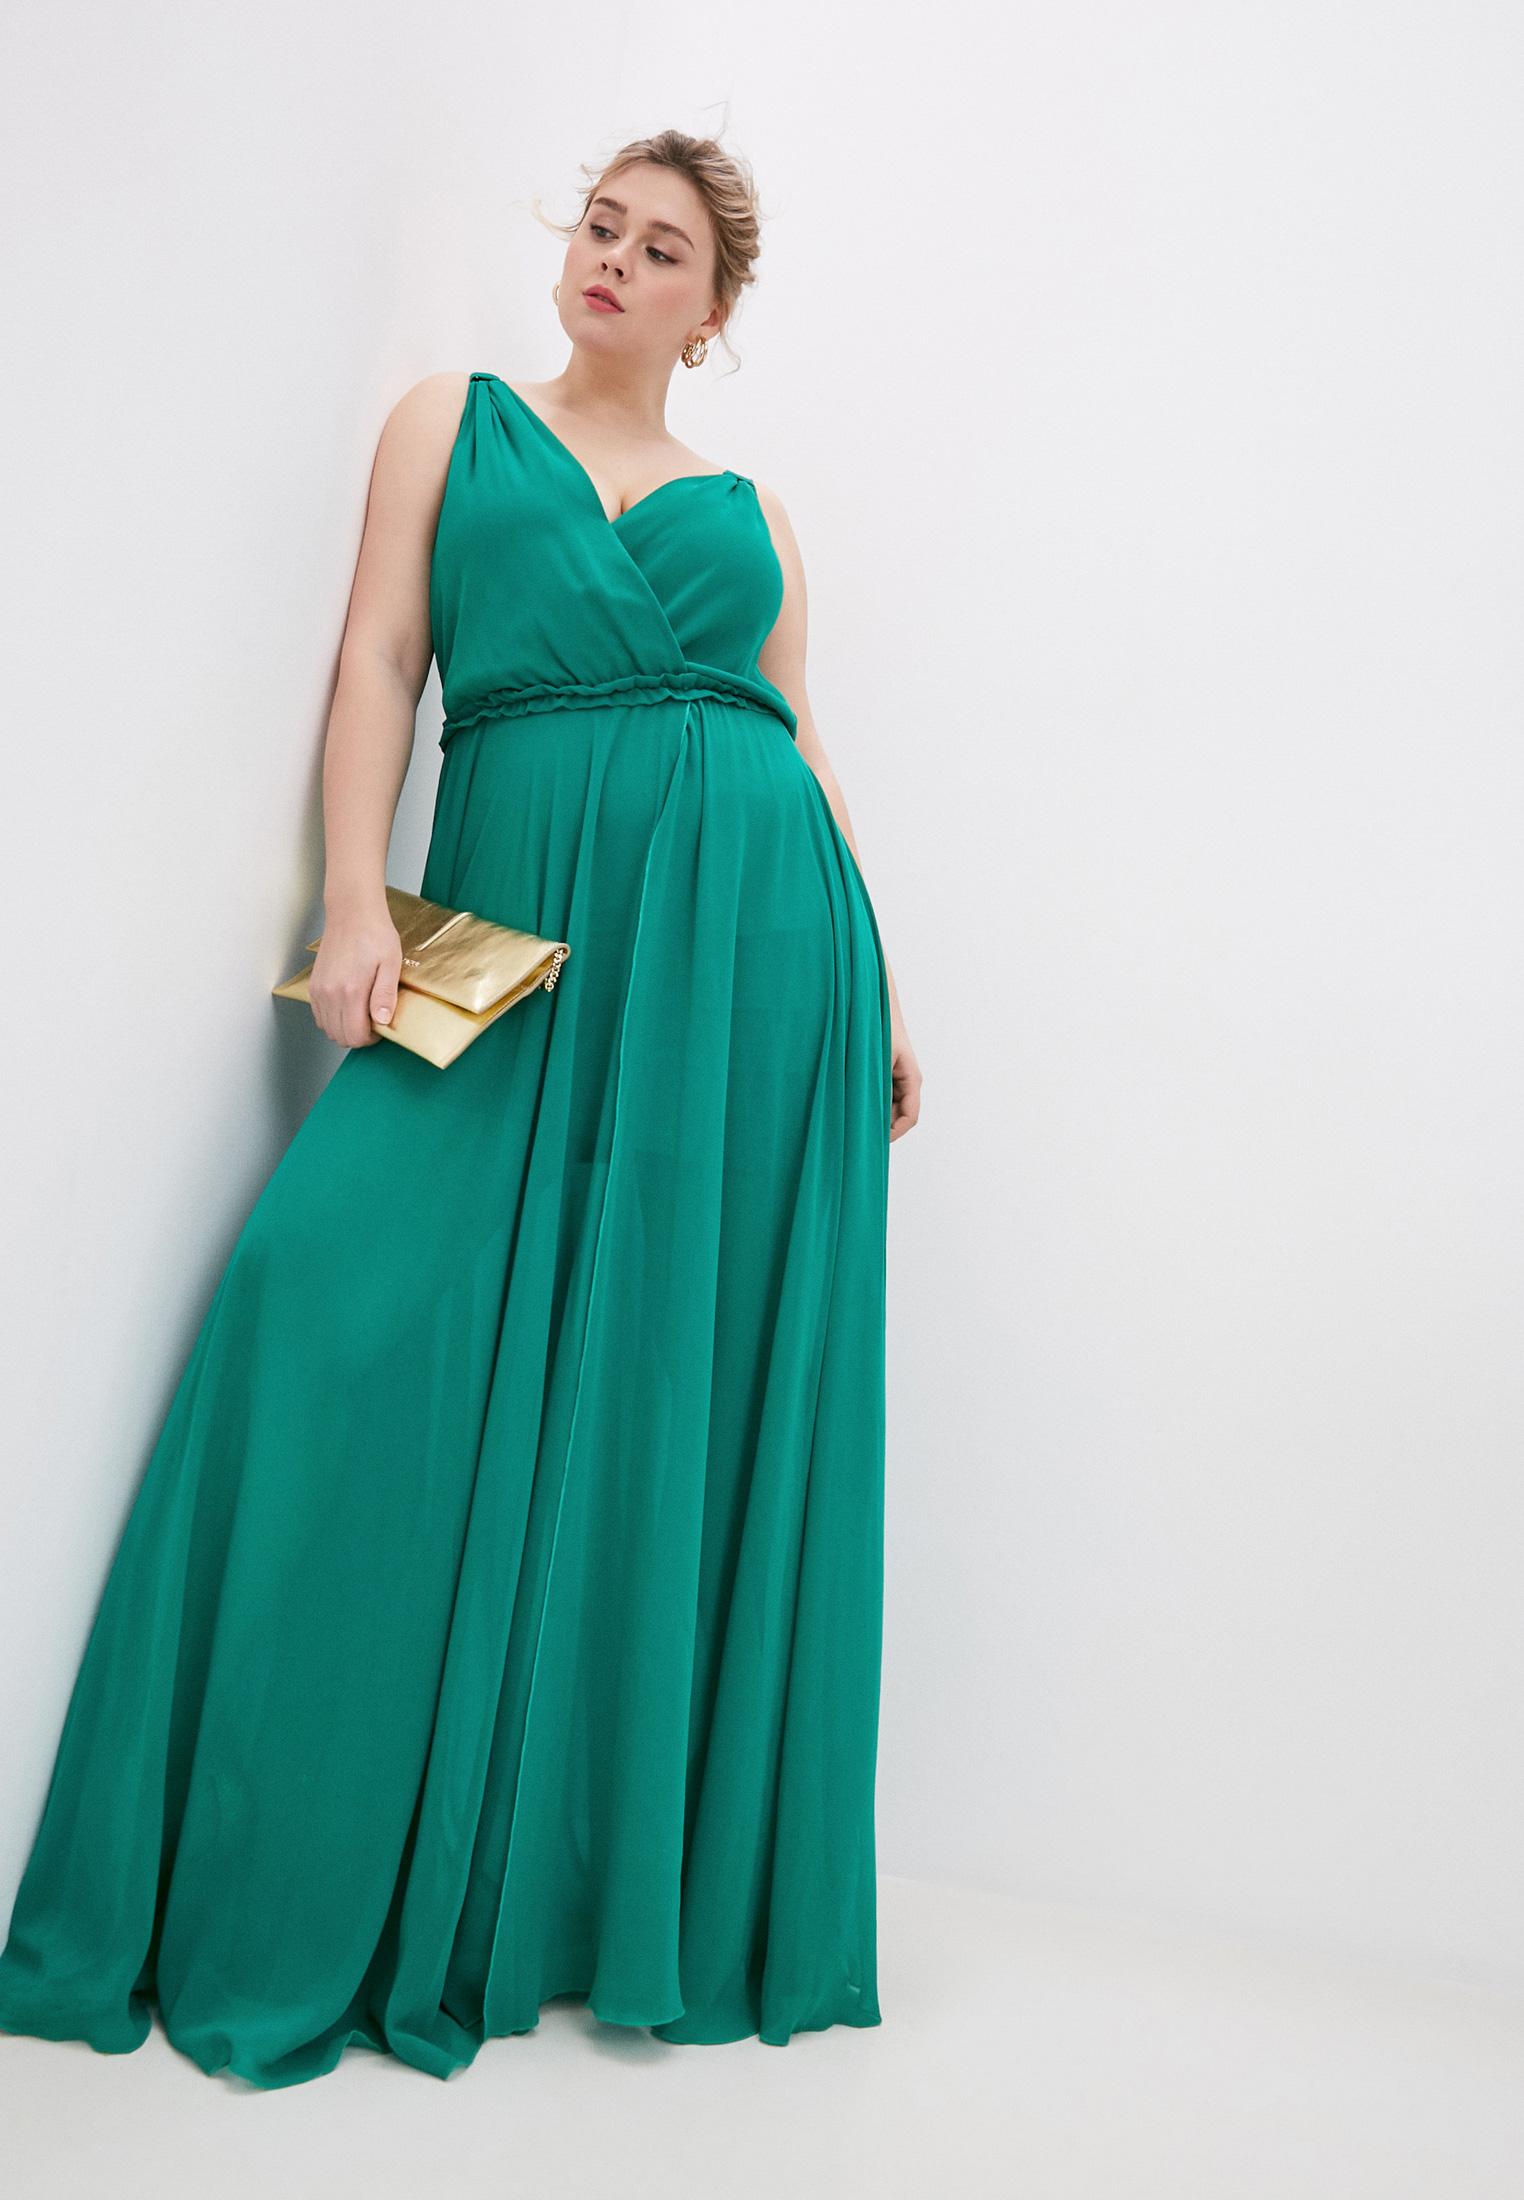 Вечернее / коктейльное платье Patrizia Pepe (Патриция Пепе) 2A1684 A2LK G373